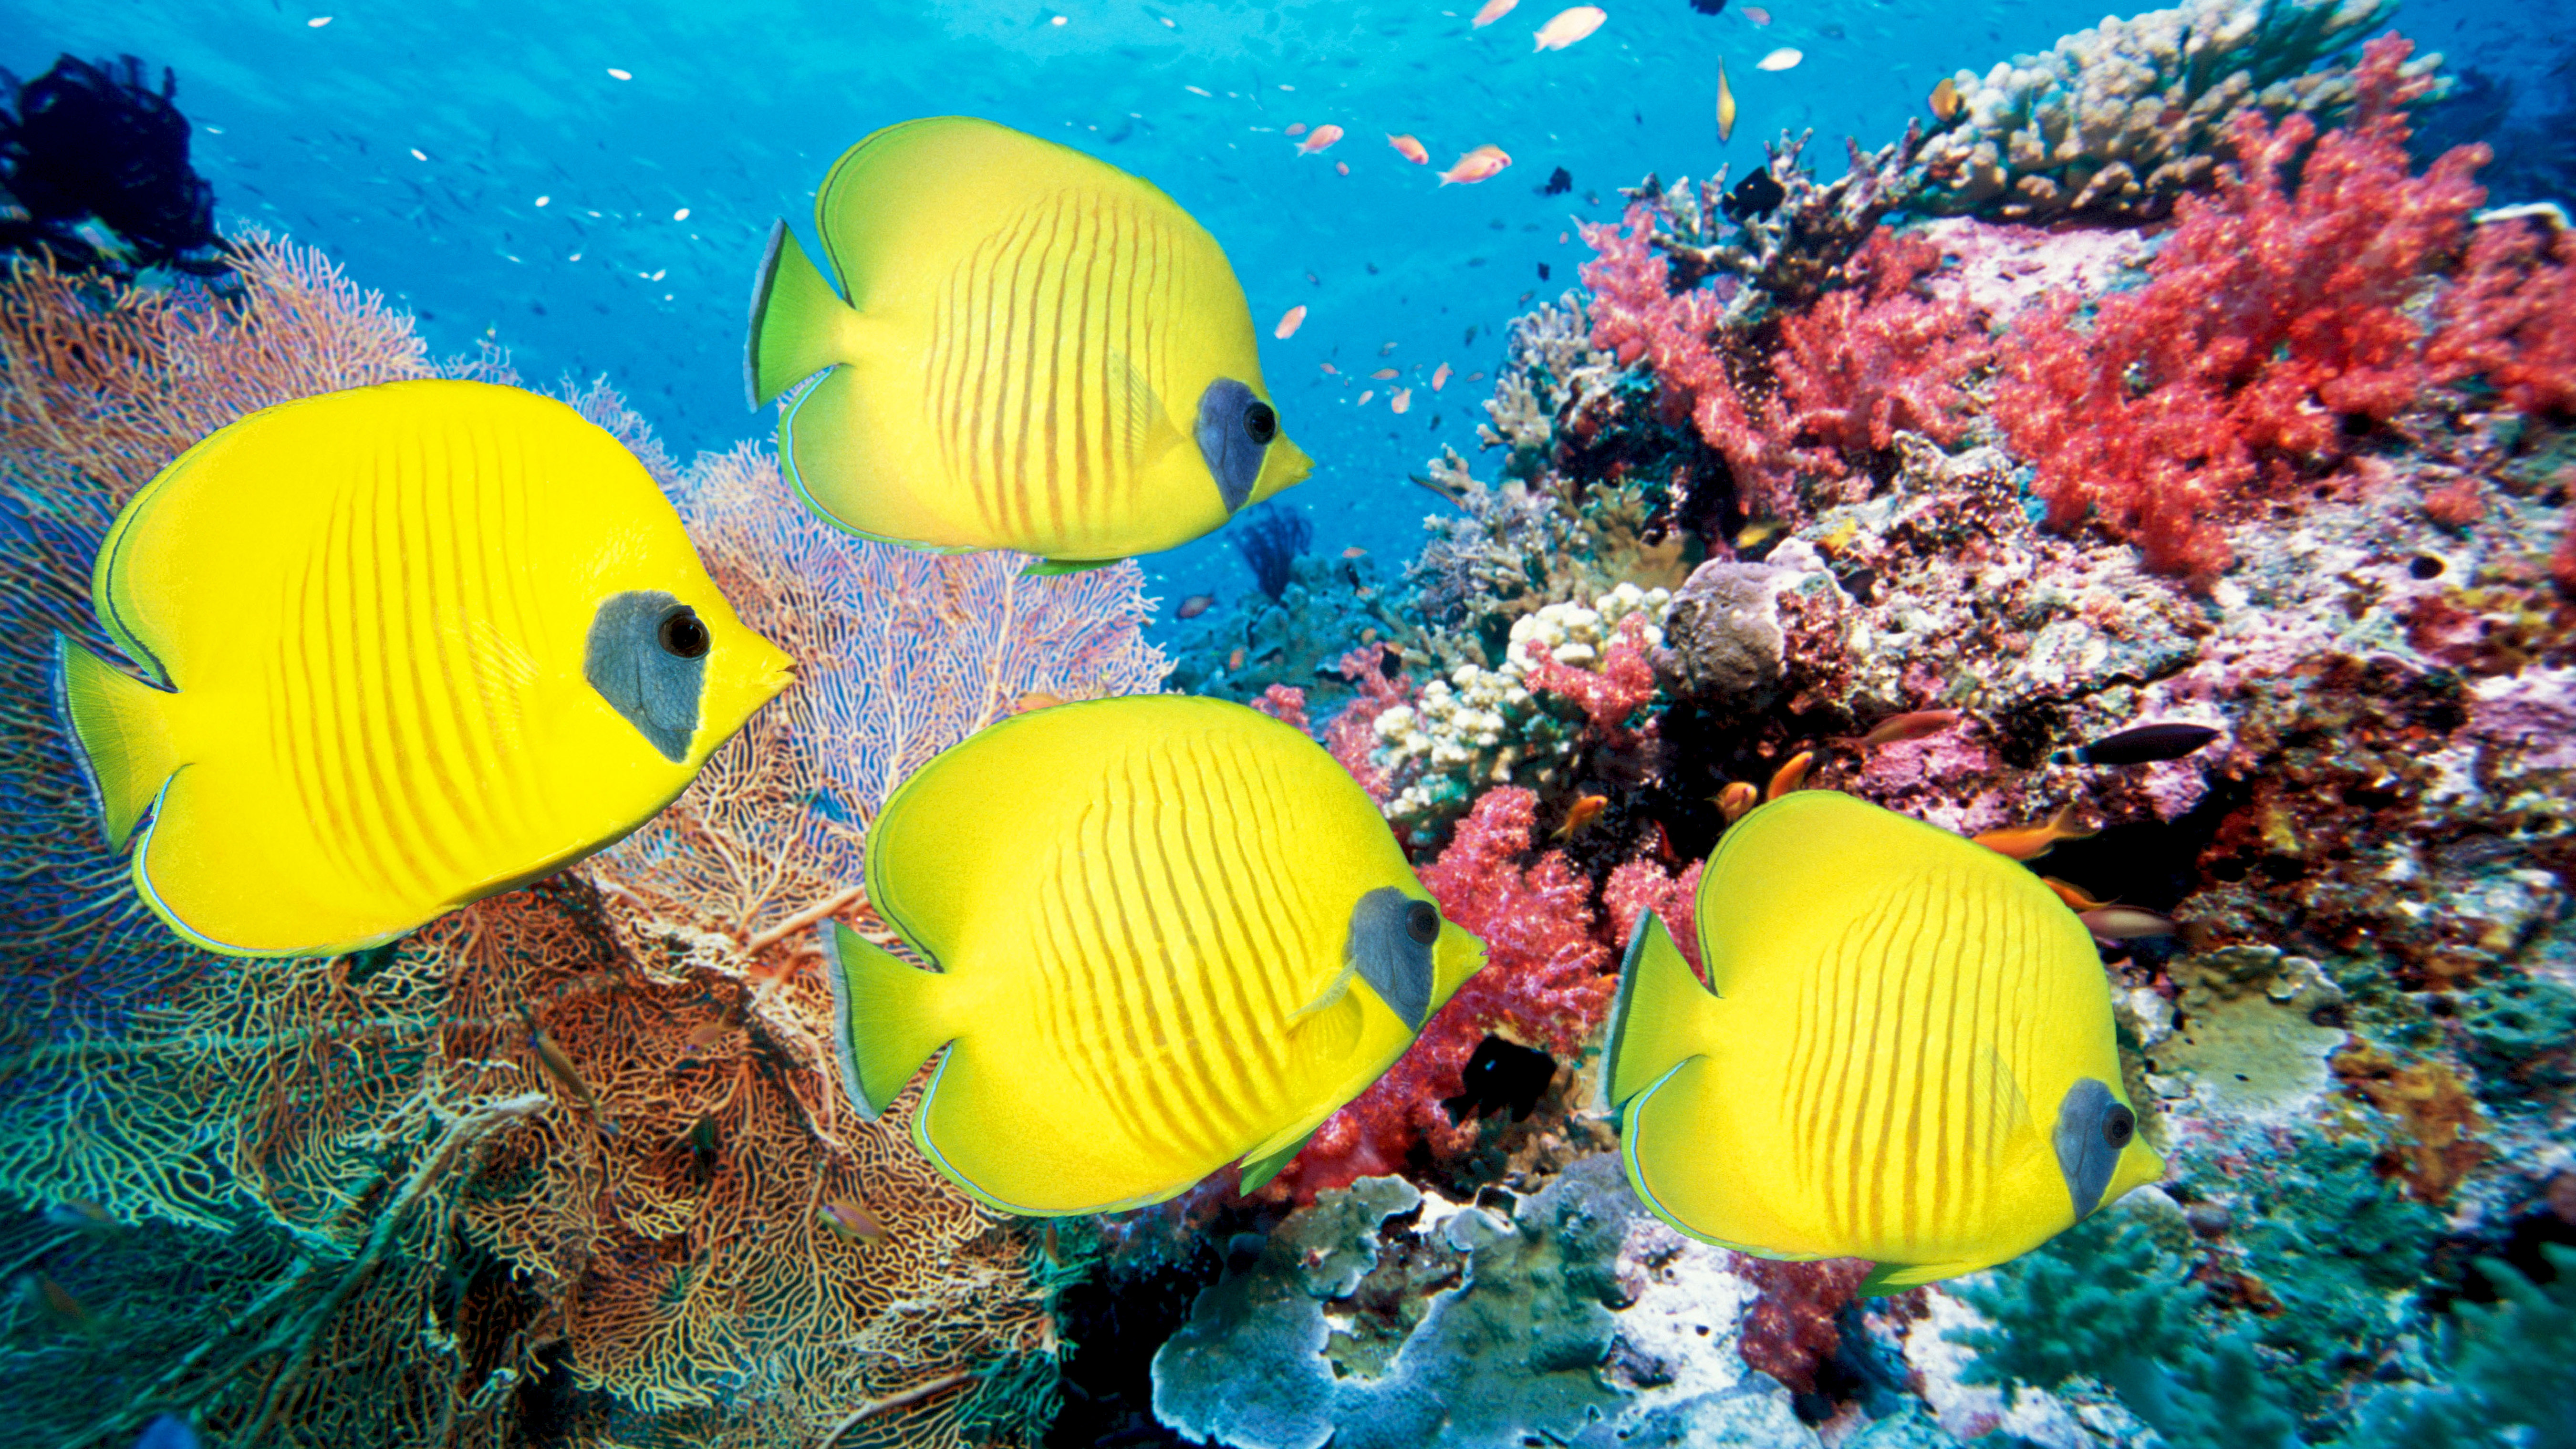 Желтая рыбка  № 1707610 без смс